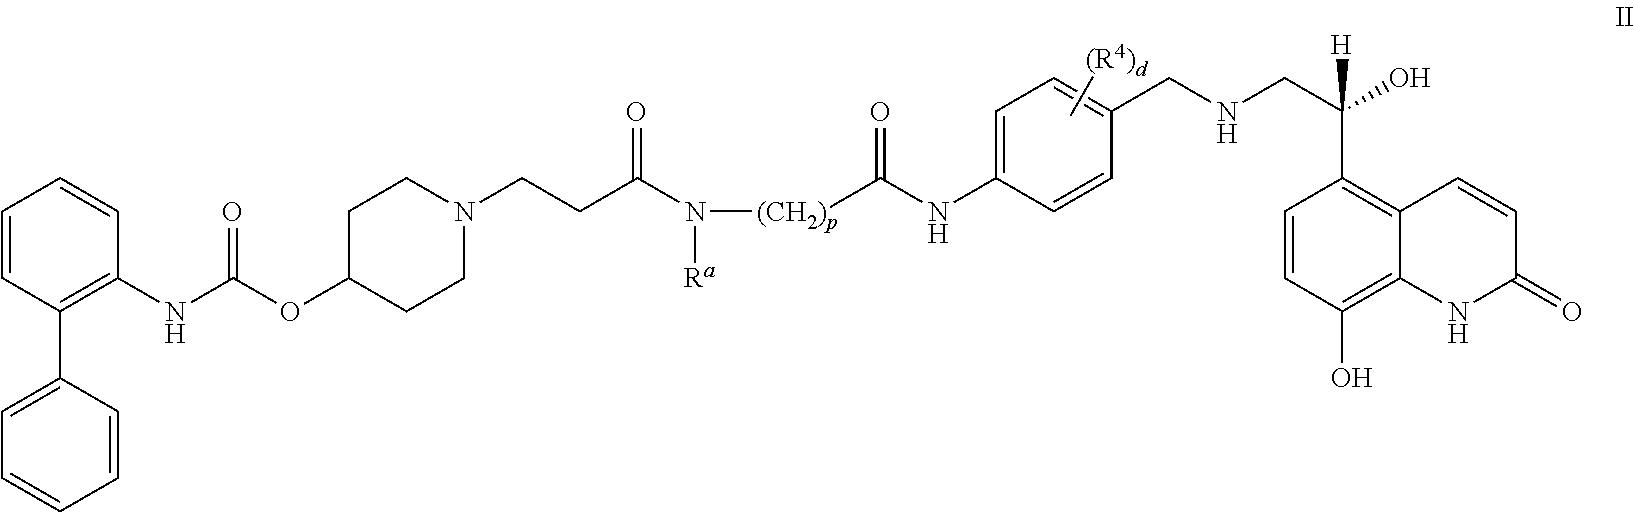 Figure US10138220-20181127-C00008